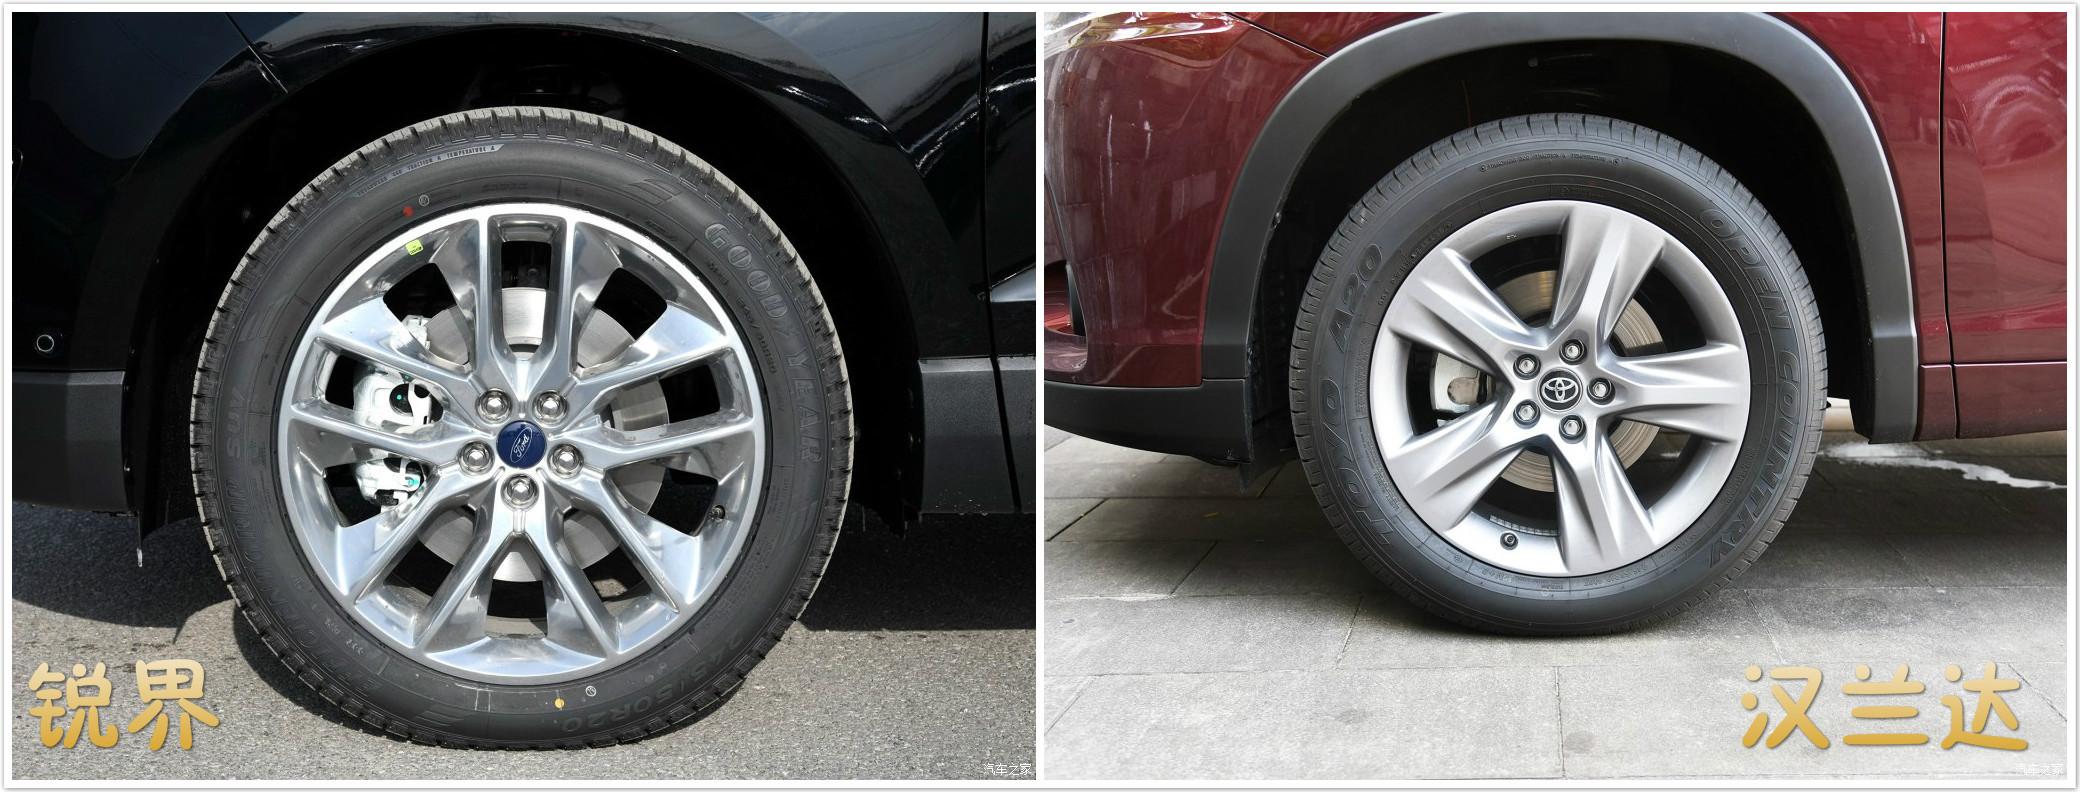 大型7座合资SUV之间的较量——福特锐界VS丰田汉兰达